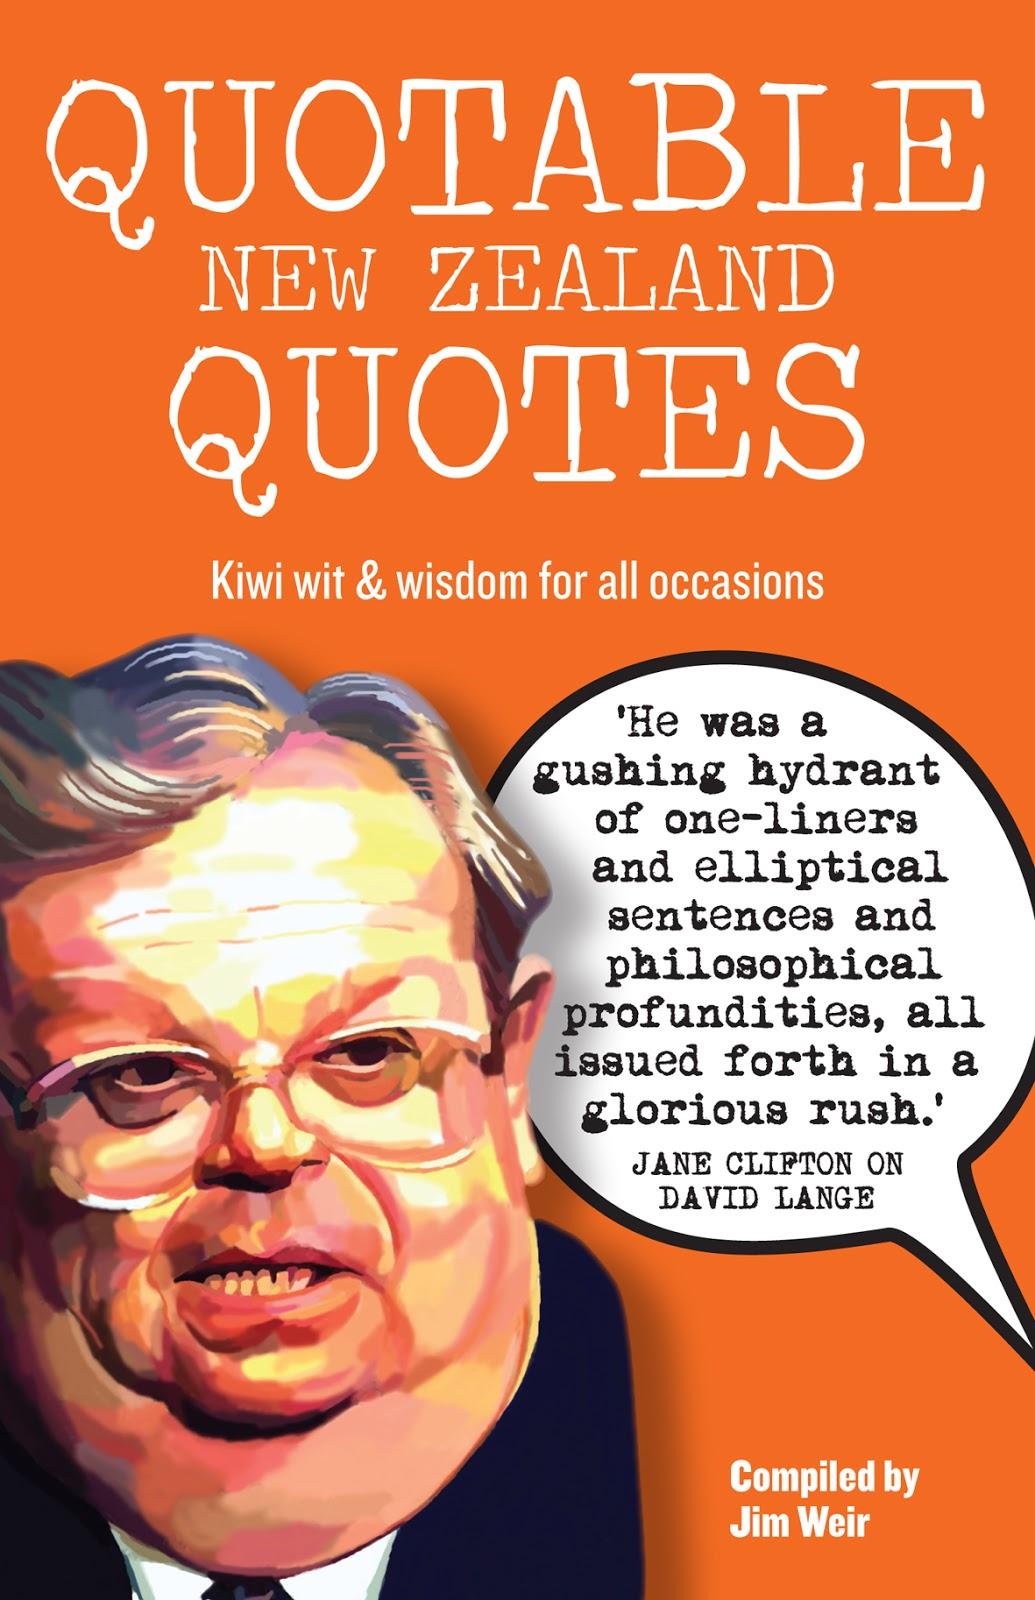 James Beattie's quote #6